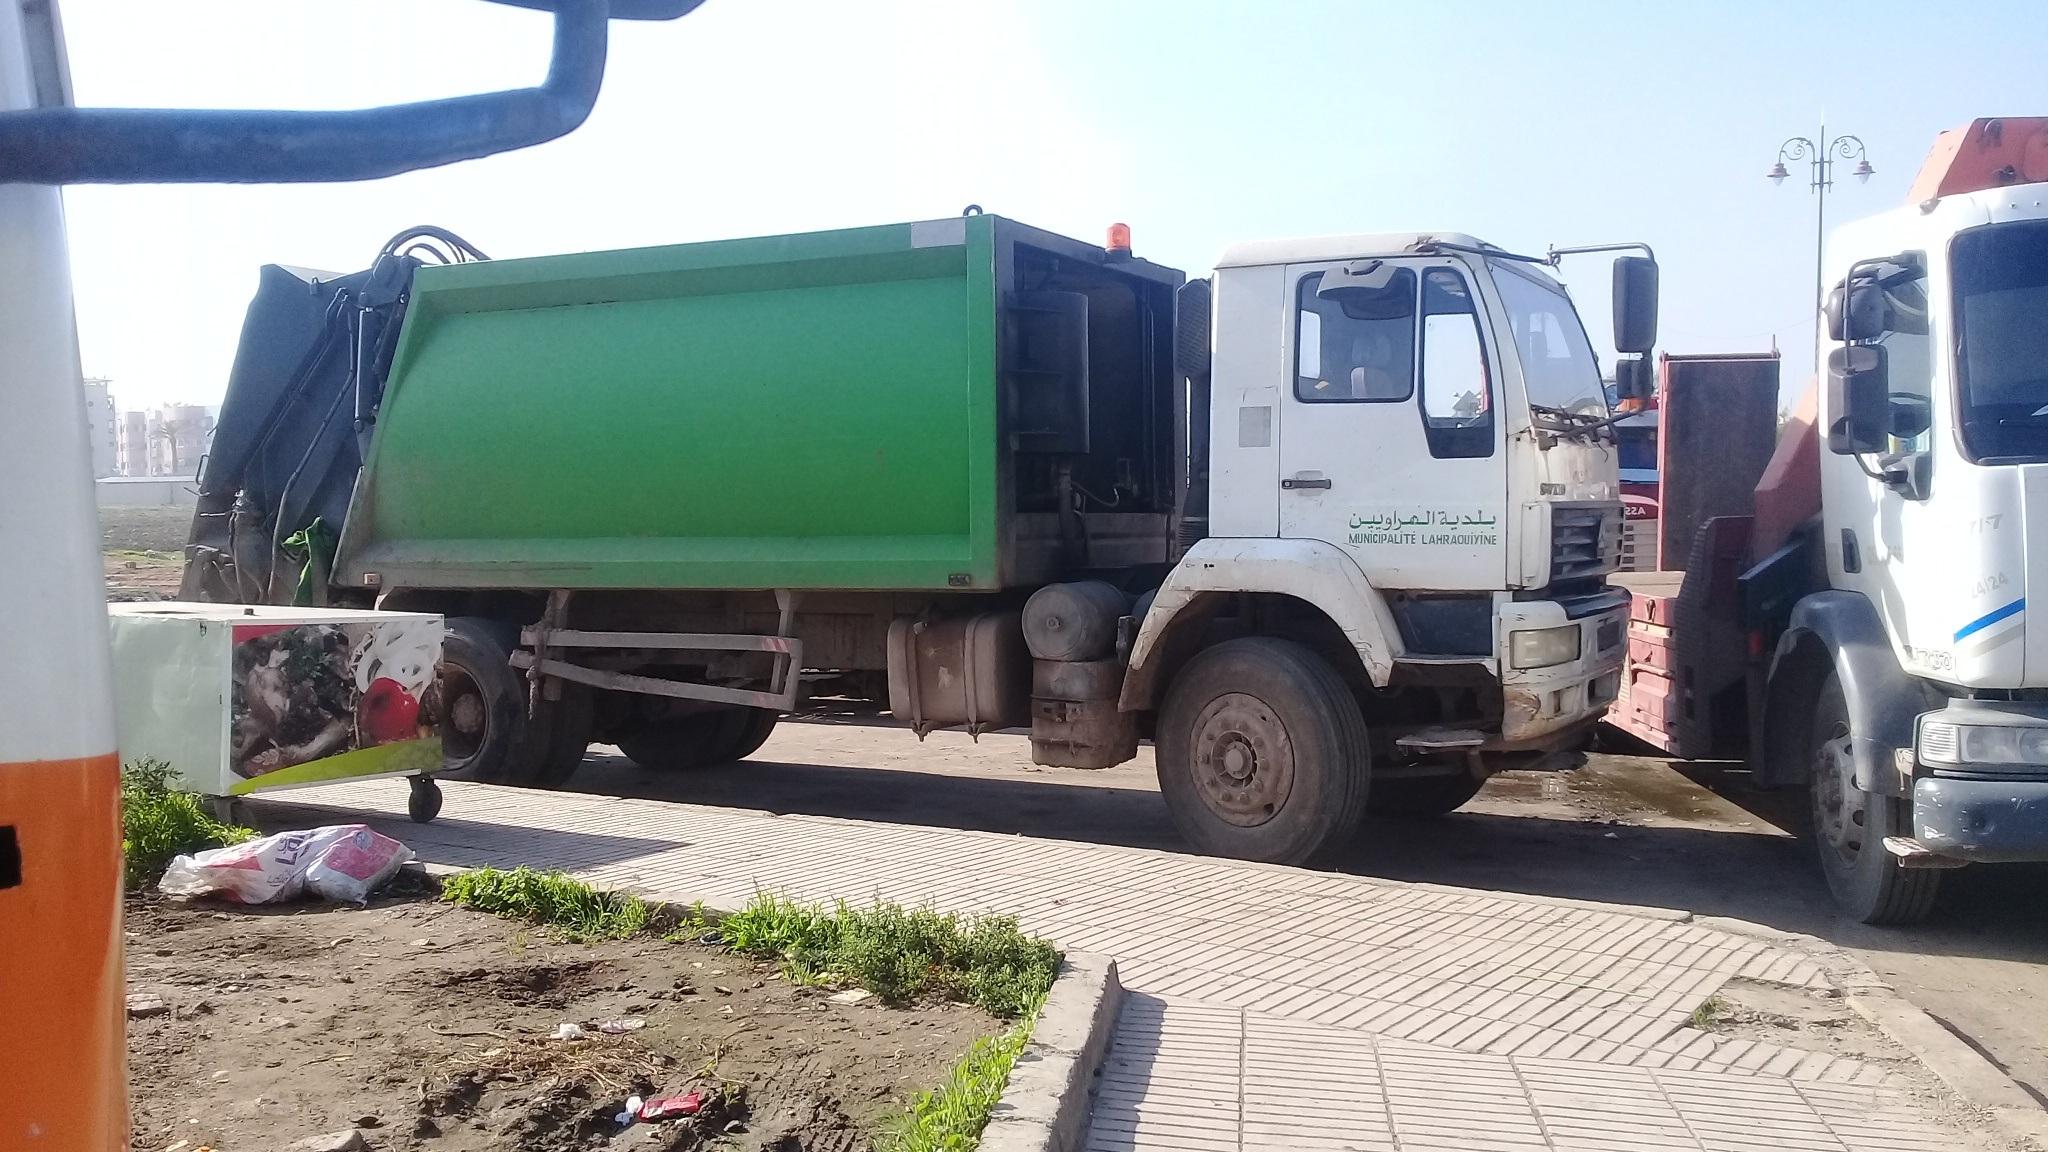 ماهو السر وراء تواجد هذه الشاحنة بعين حرودة ؟